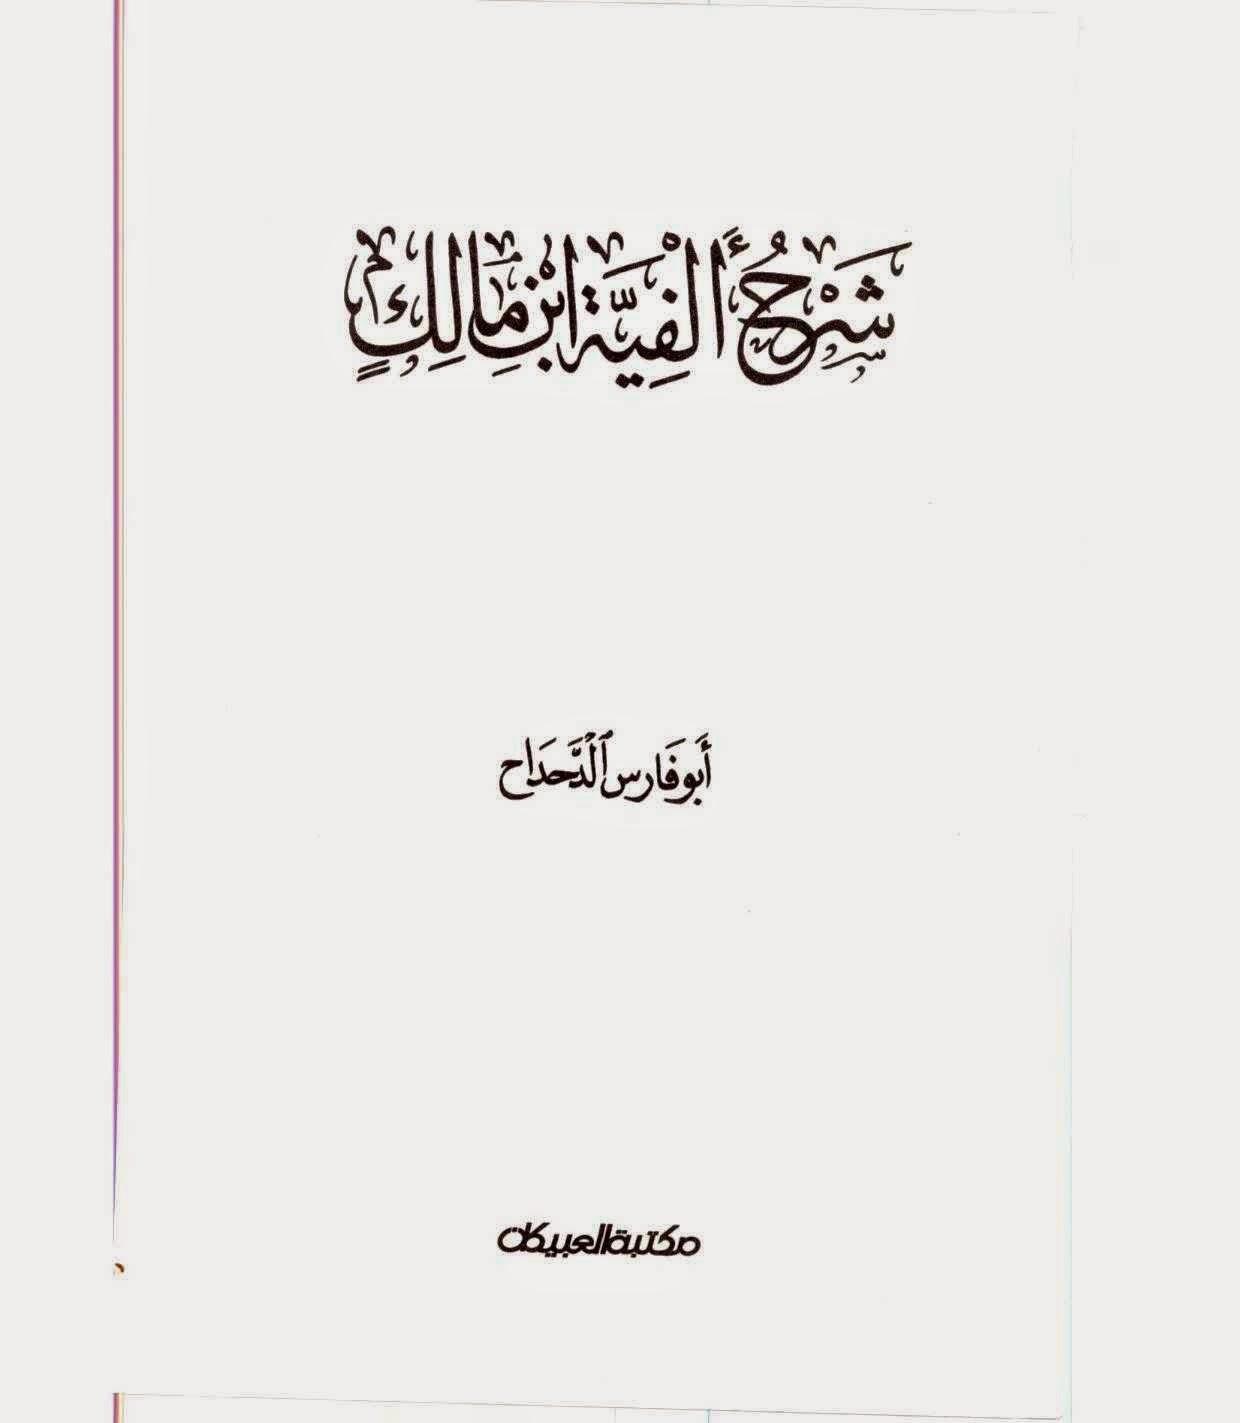 شرح ألفية ابن مالك - أبو فارس الدحداح ( ملون )